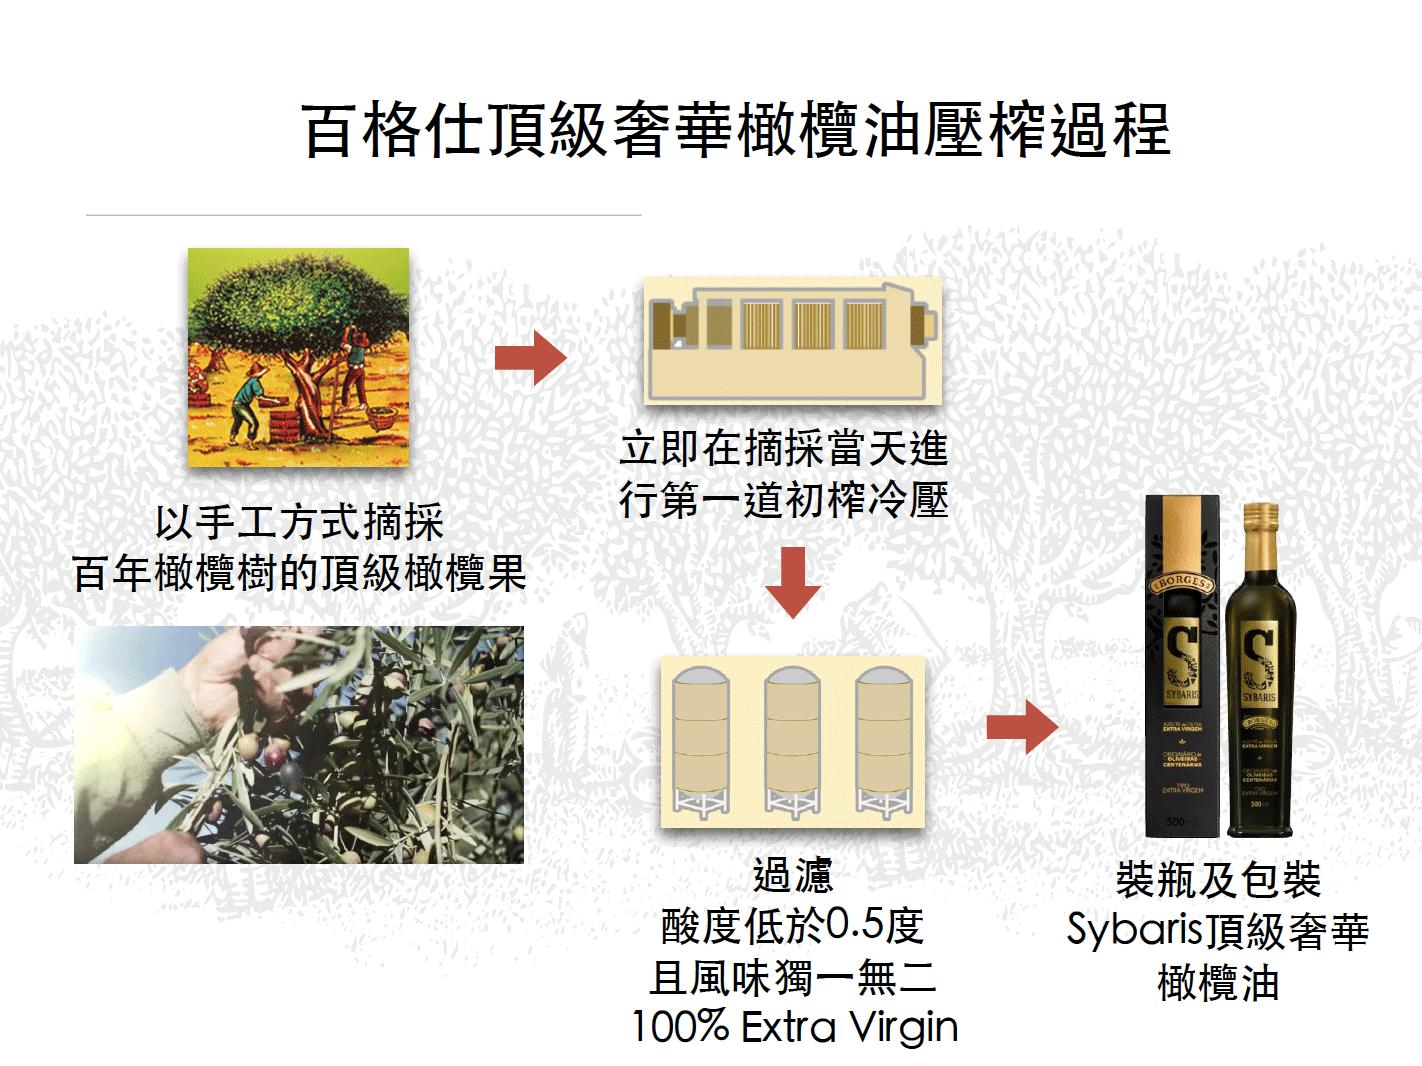 百格仕Sybaris頂級奢華橄欖油壓榨過程